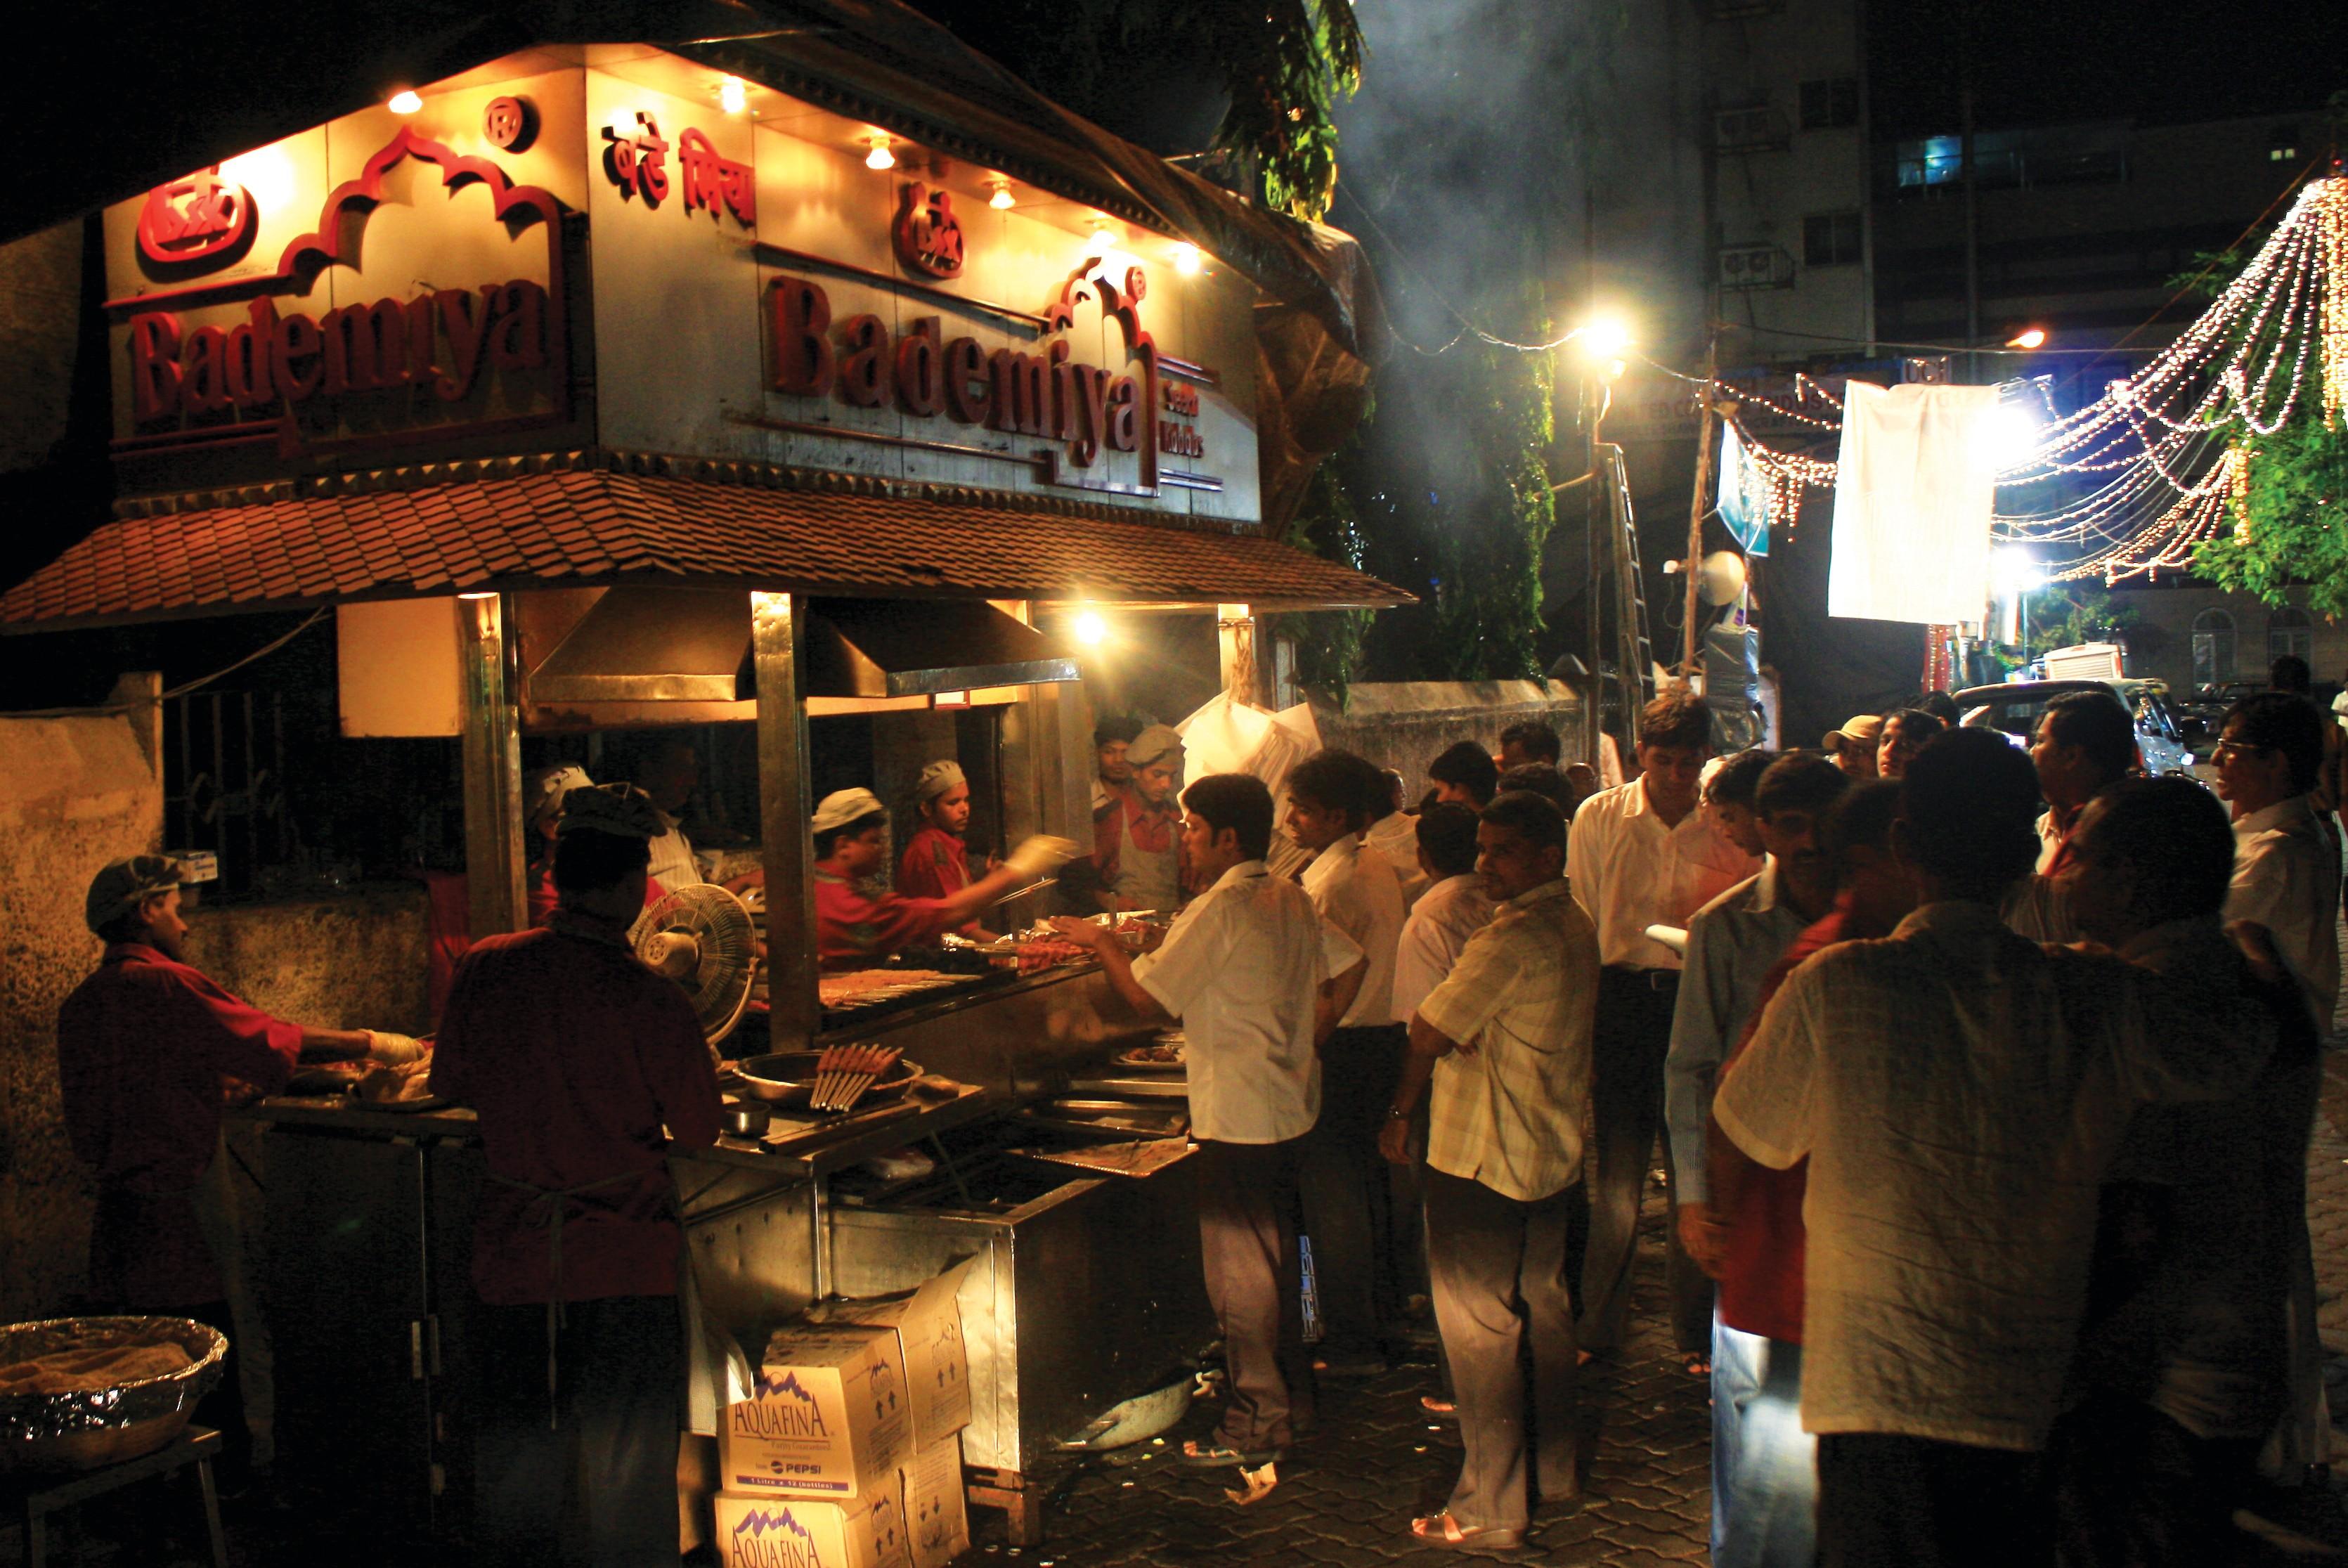 10 best street foods in Mumbai, Bademiya Mumbai